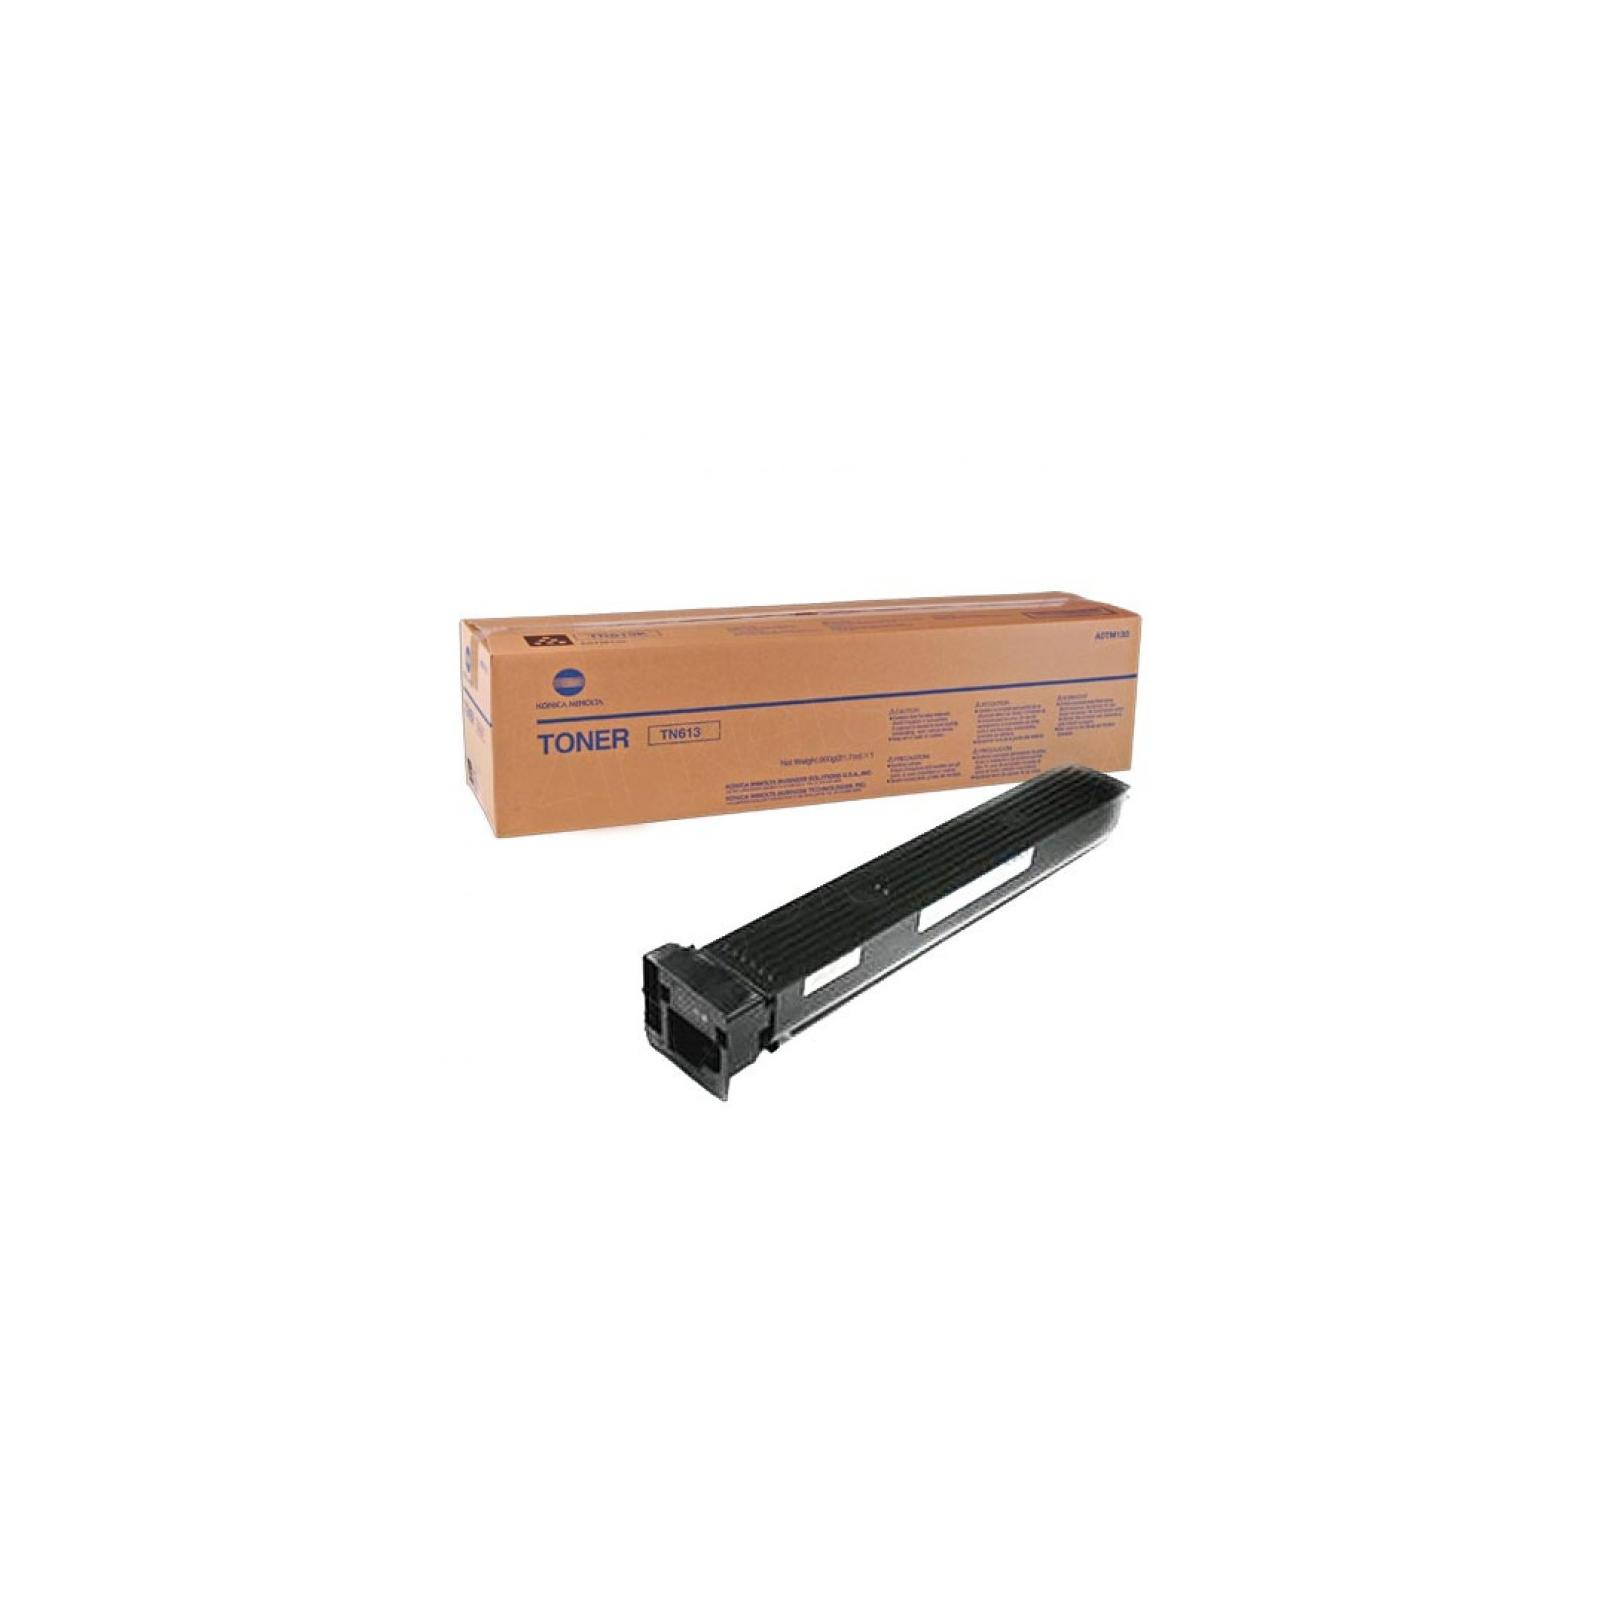 Тонер KONICA MINOLTA TN-613K Black (bizhub C552 652(DS)) (A0TM150)